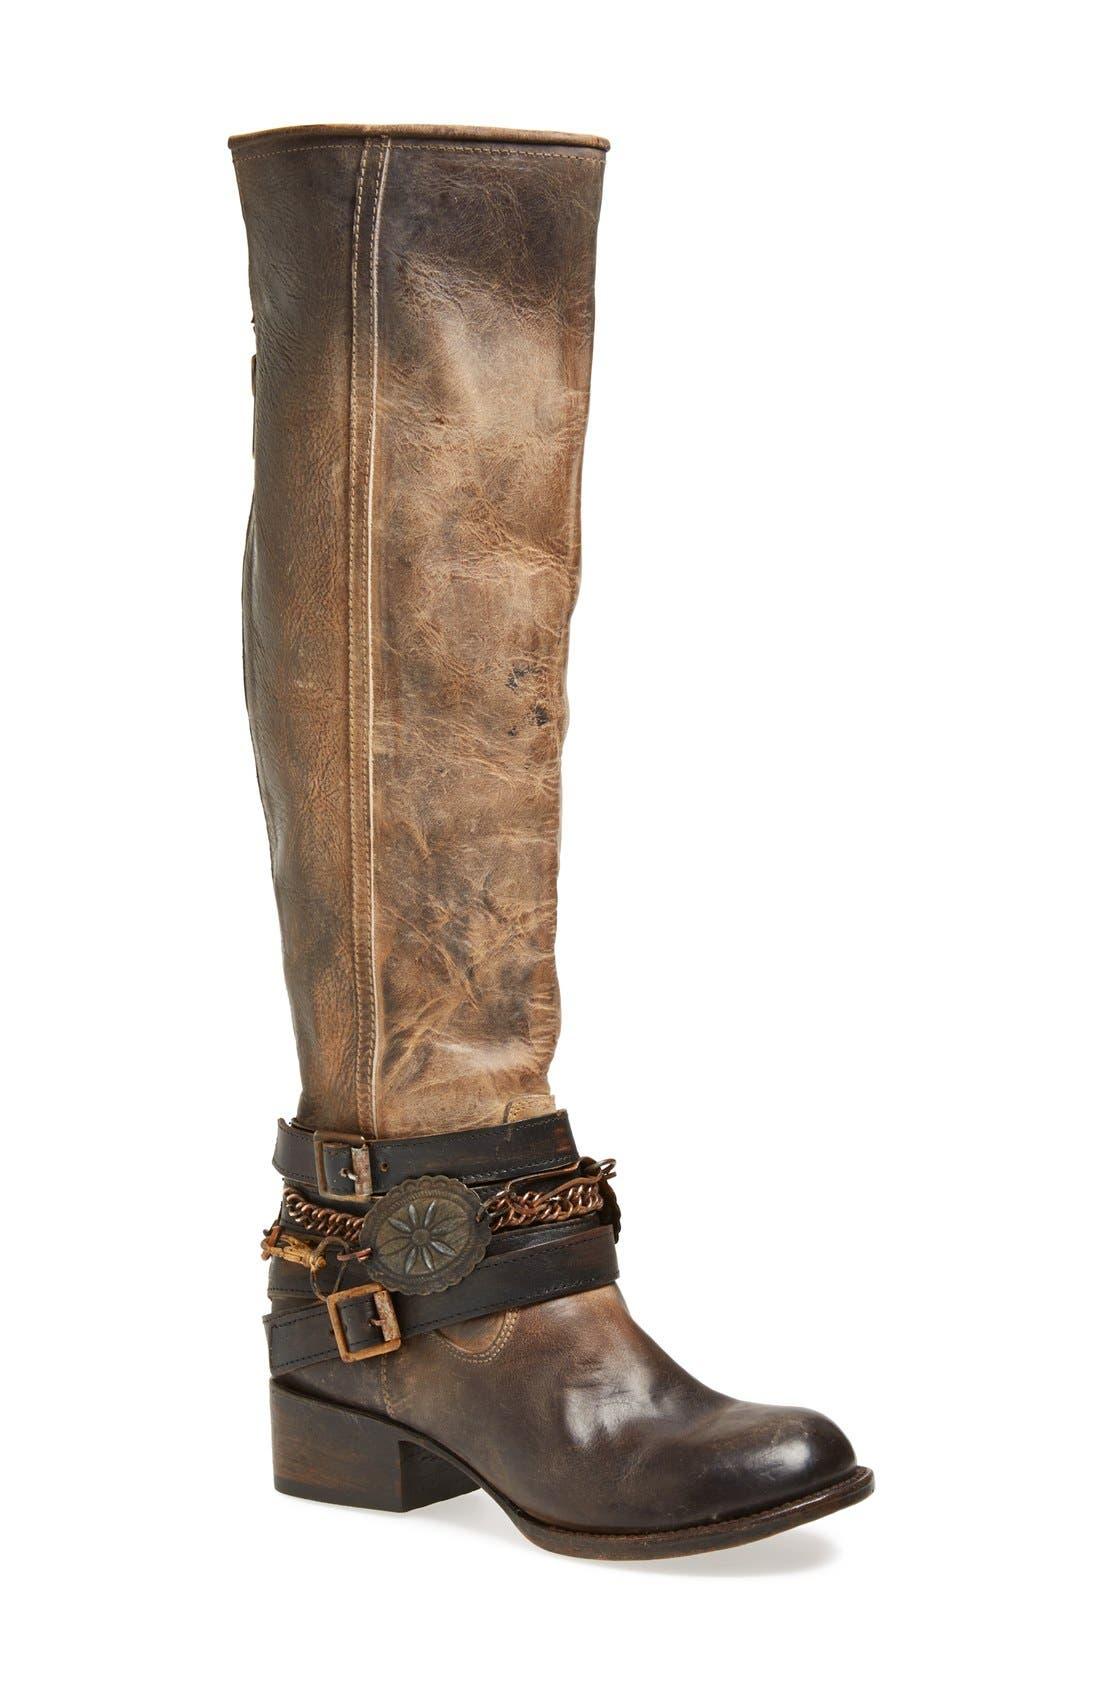 Main Image - Freebird by Steven Western Leather Boot (Women)